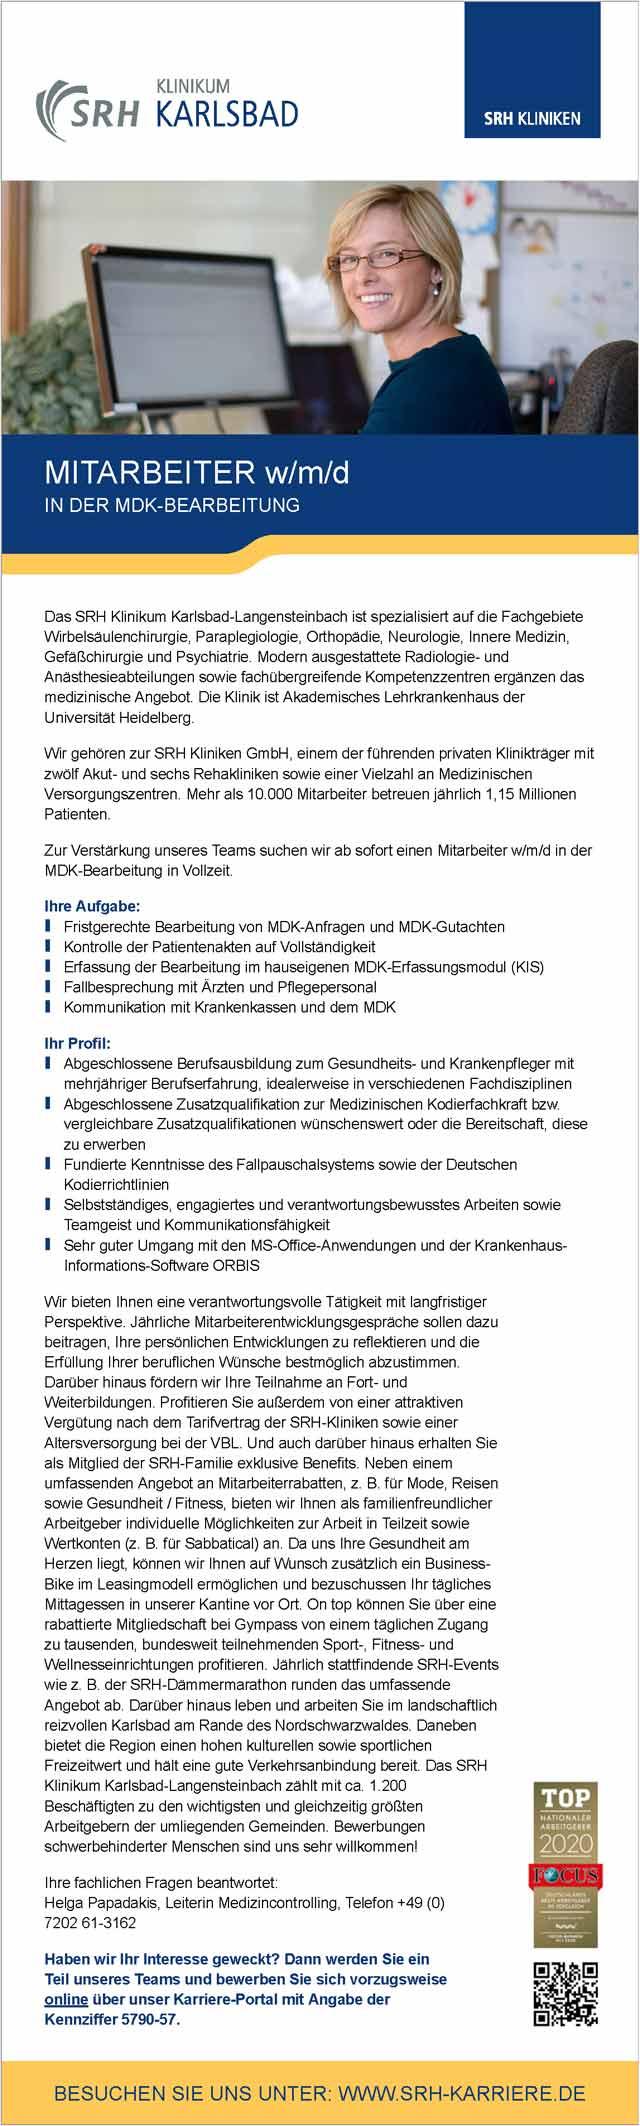 SRH Klinikum Karlsbad-Langensteinbach GmbH: Mitarbeiter in der MDK-Bearbeitung (w/m/d)